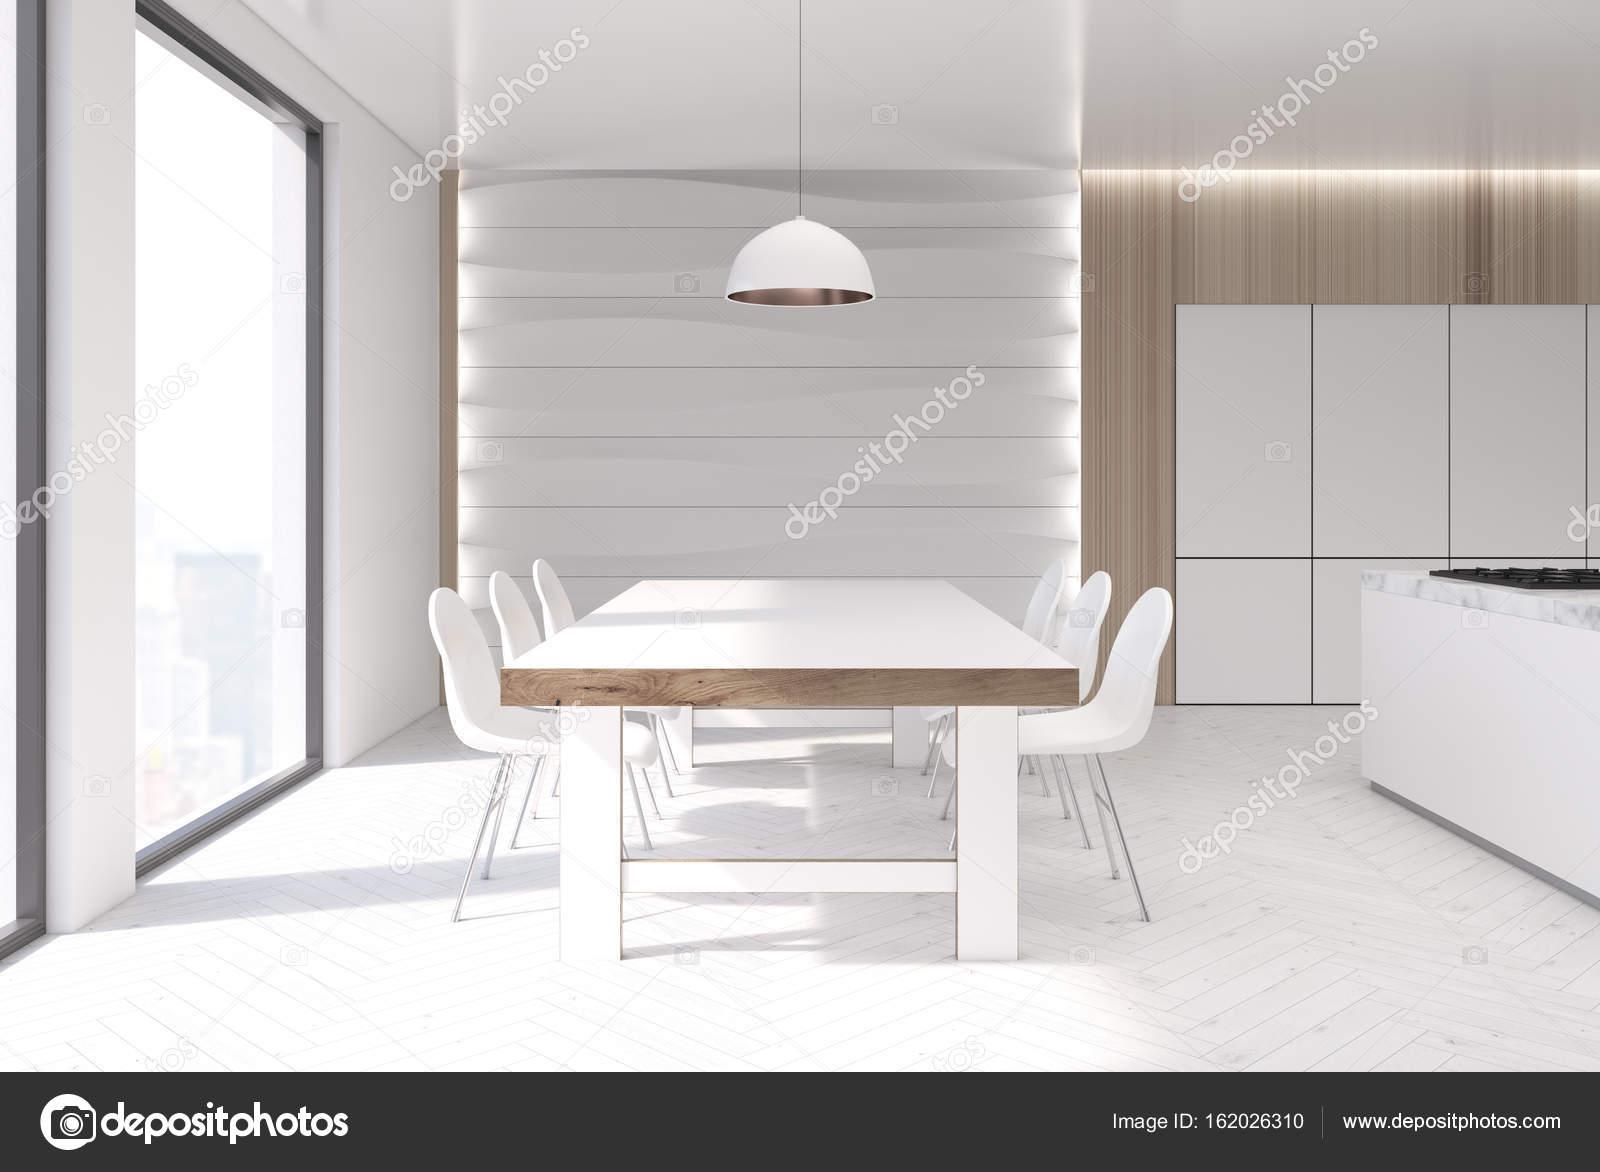 Witte keuken decoratie oude brocante witte emaillen steelvergiet